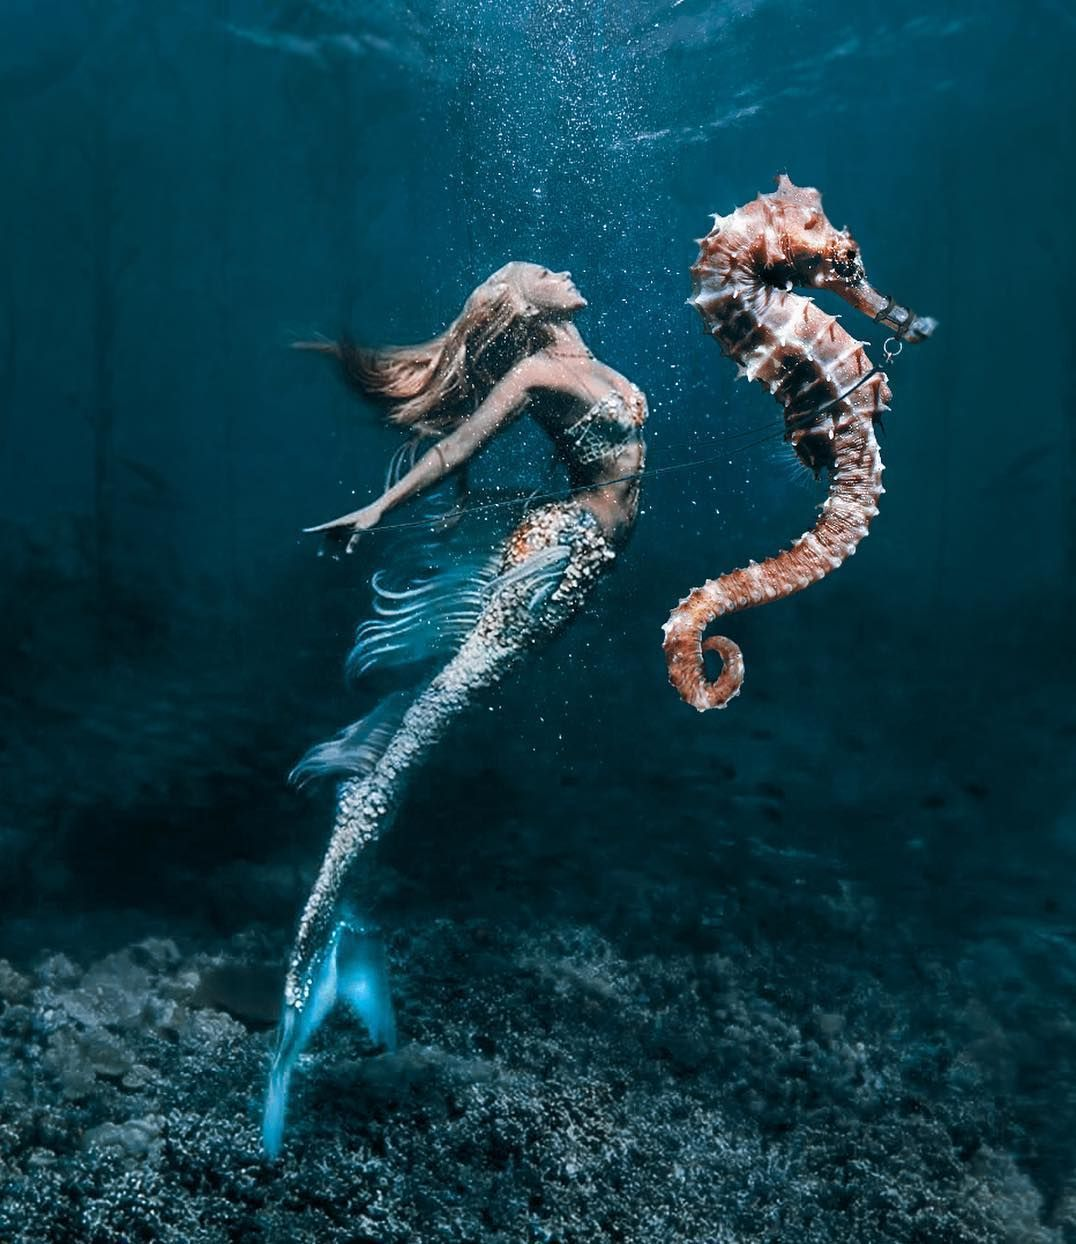 картинки они живут в воде главное